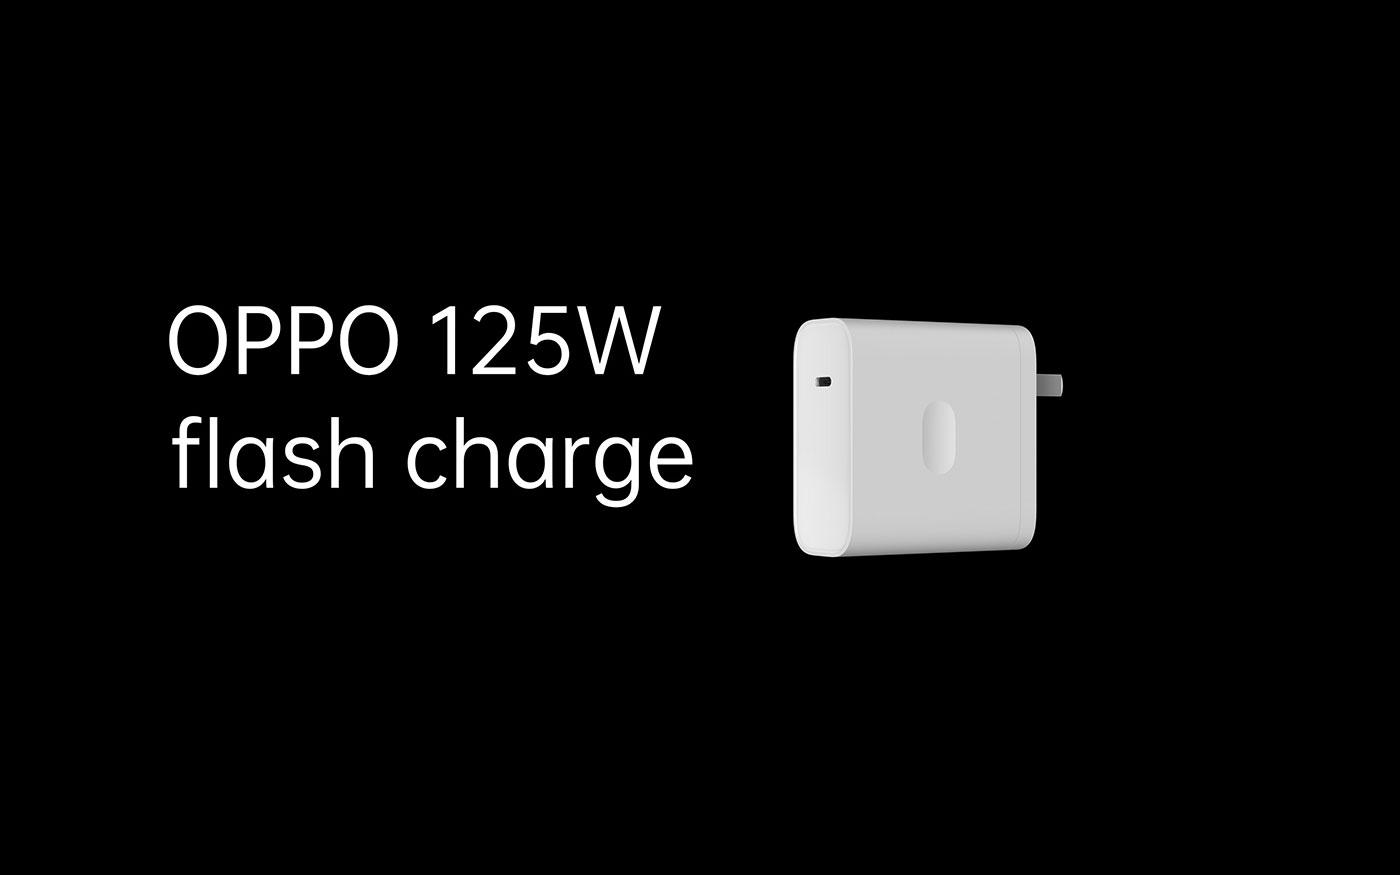 Oppo lancia il caricabatterie più veloce sul mercato: 125 Watt per 20 minuti thumbnail